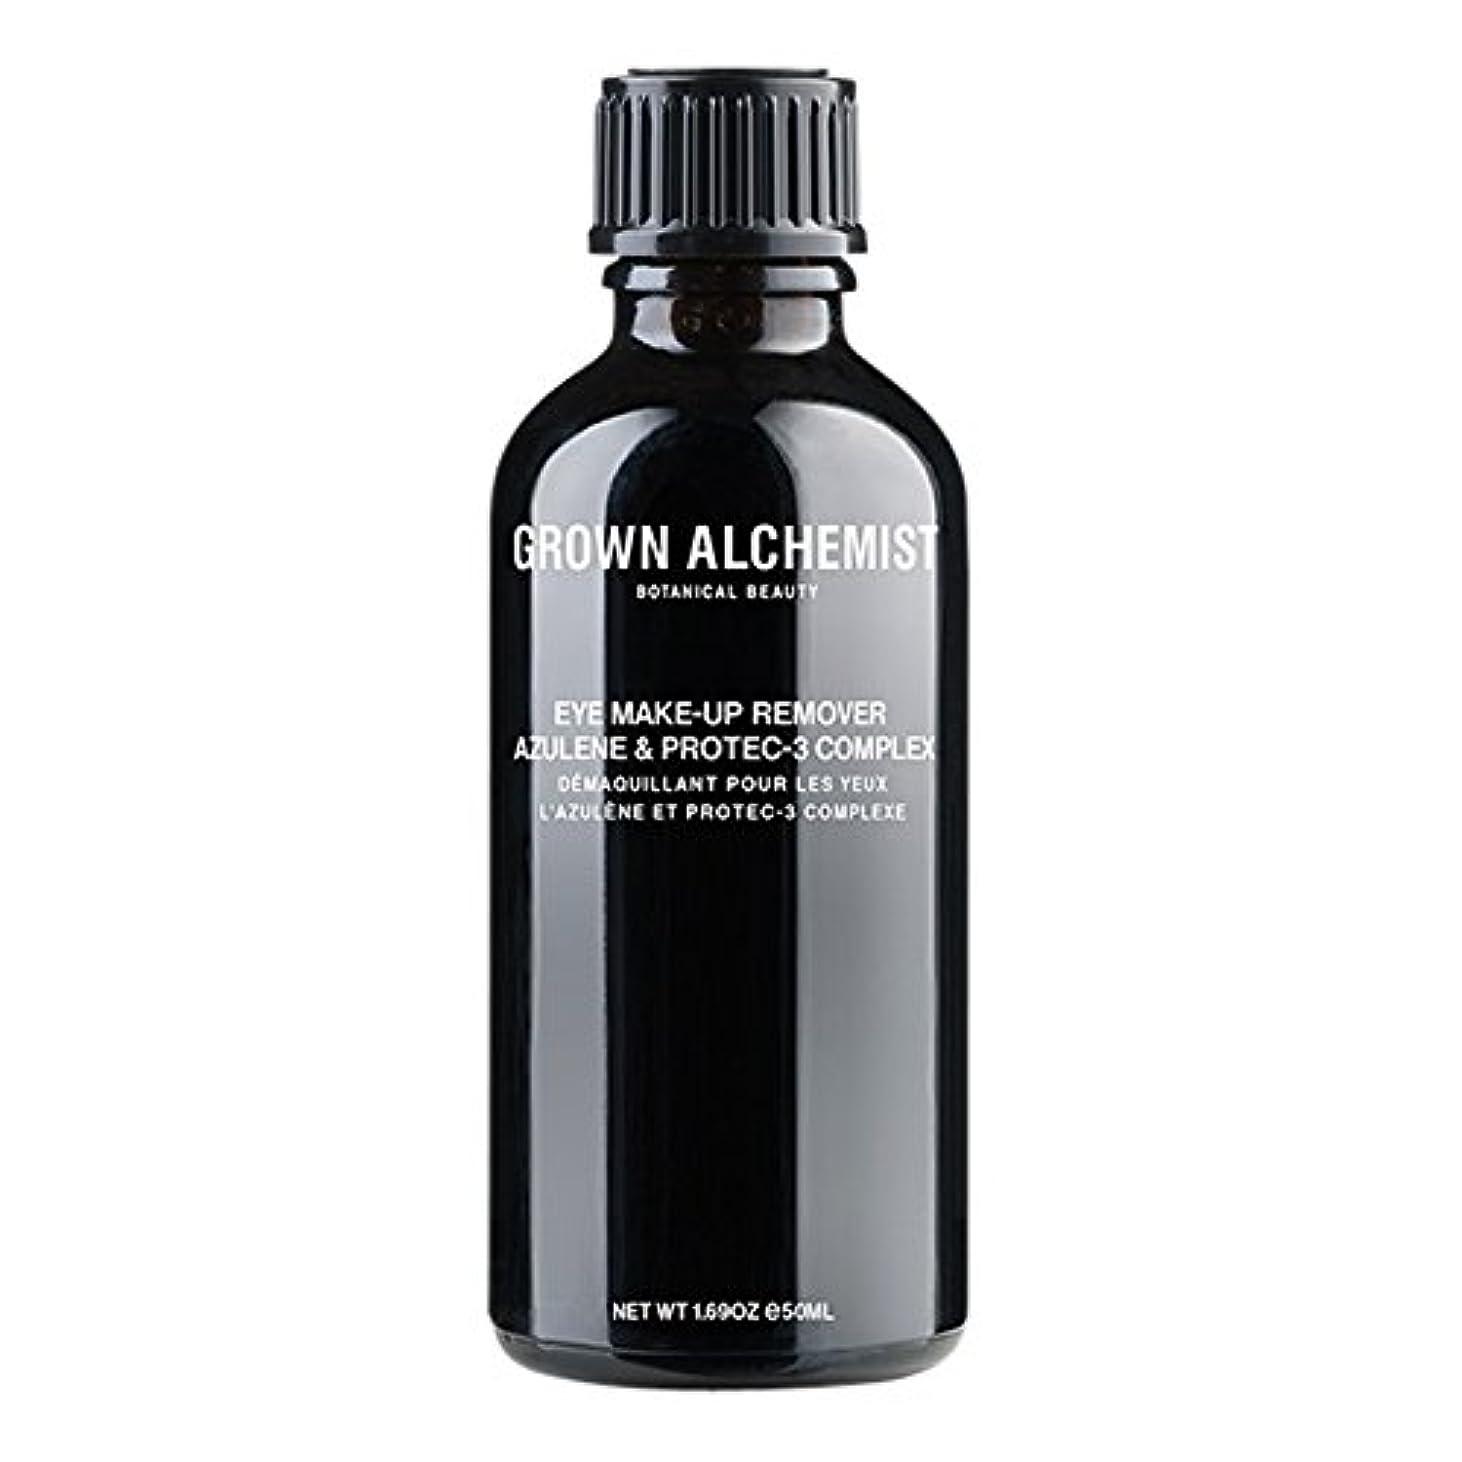 代替案噴水合成成長した錬金術師アズレン&Protec-3アイメイクアップリムーバーの50ミリリットル (Grown Alchemist) - Grown Alchemist Azulene & Protec-3 Eye-Makeup Remover 50ml [並行輸入品]